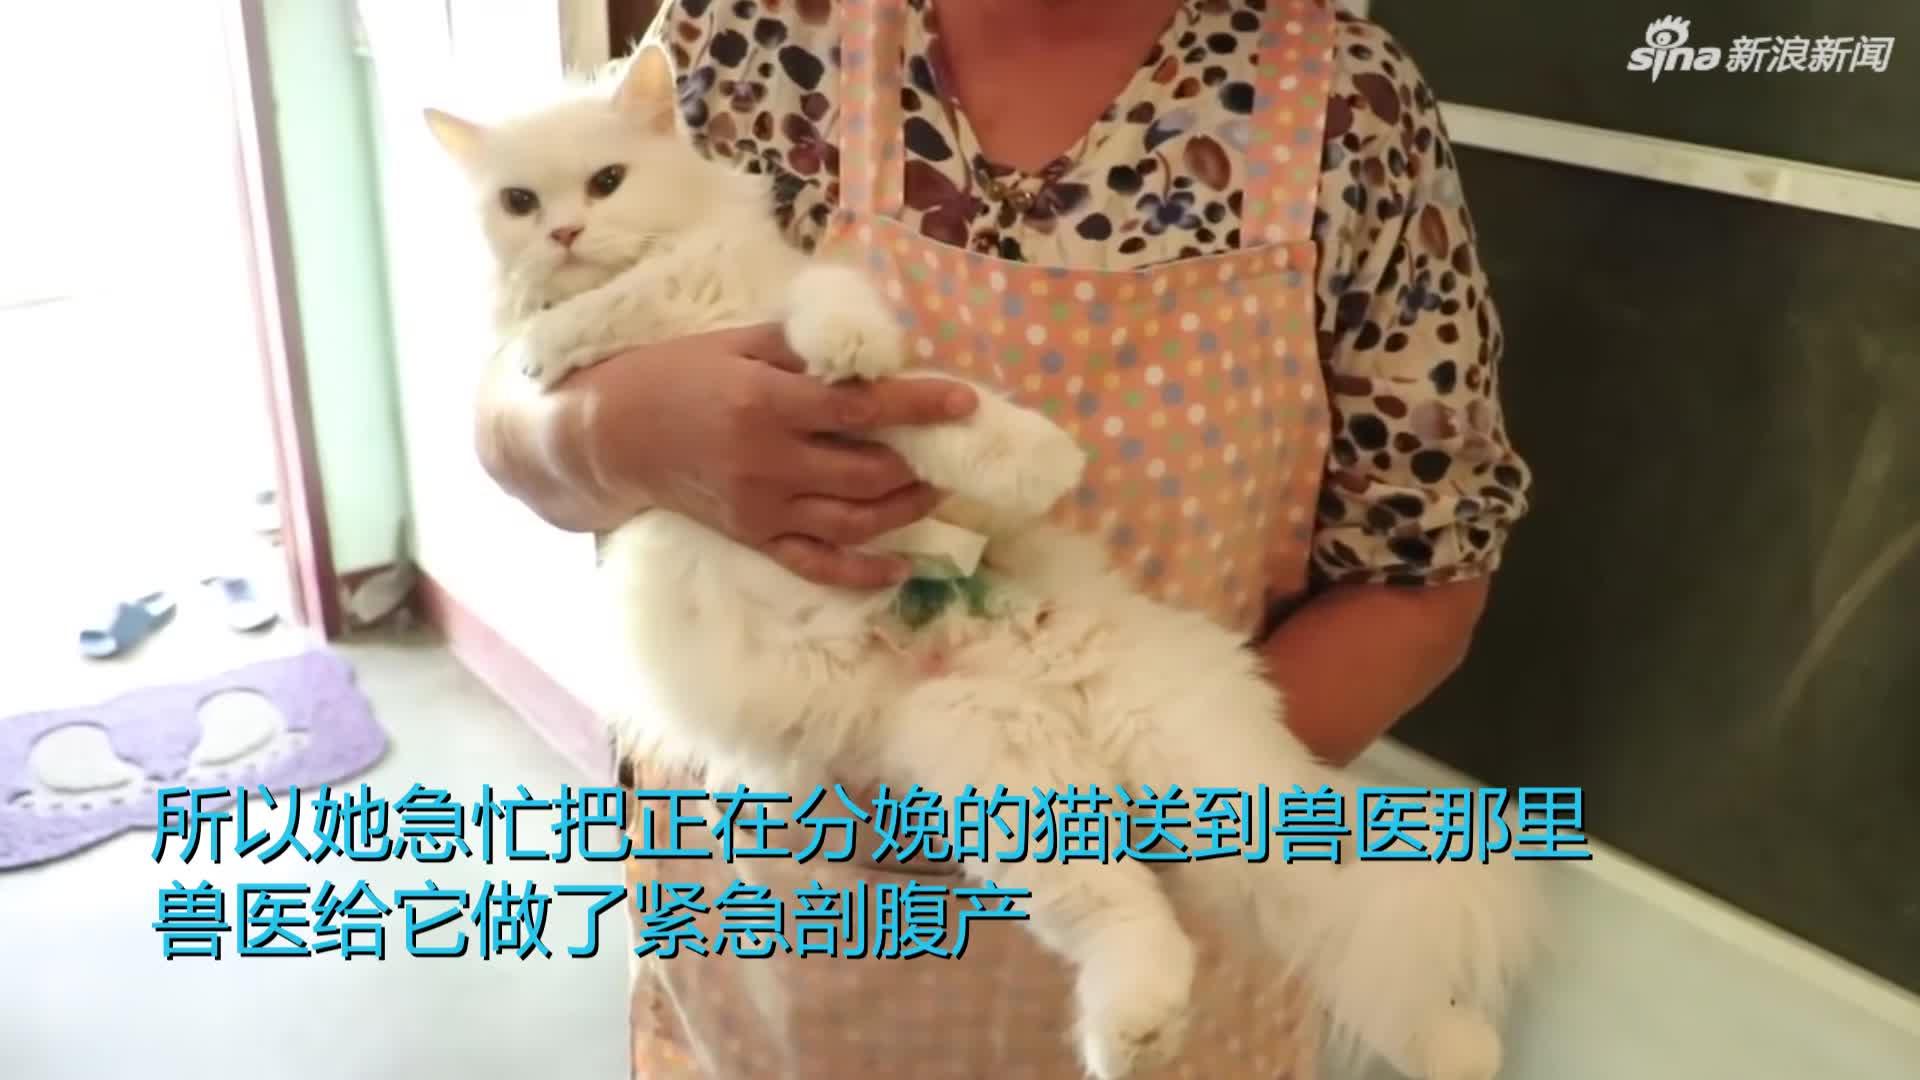 """视频-泰国波斯猫诞下""""双头猫""""超萌小精灵幸运存活"""